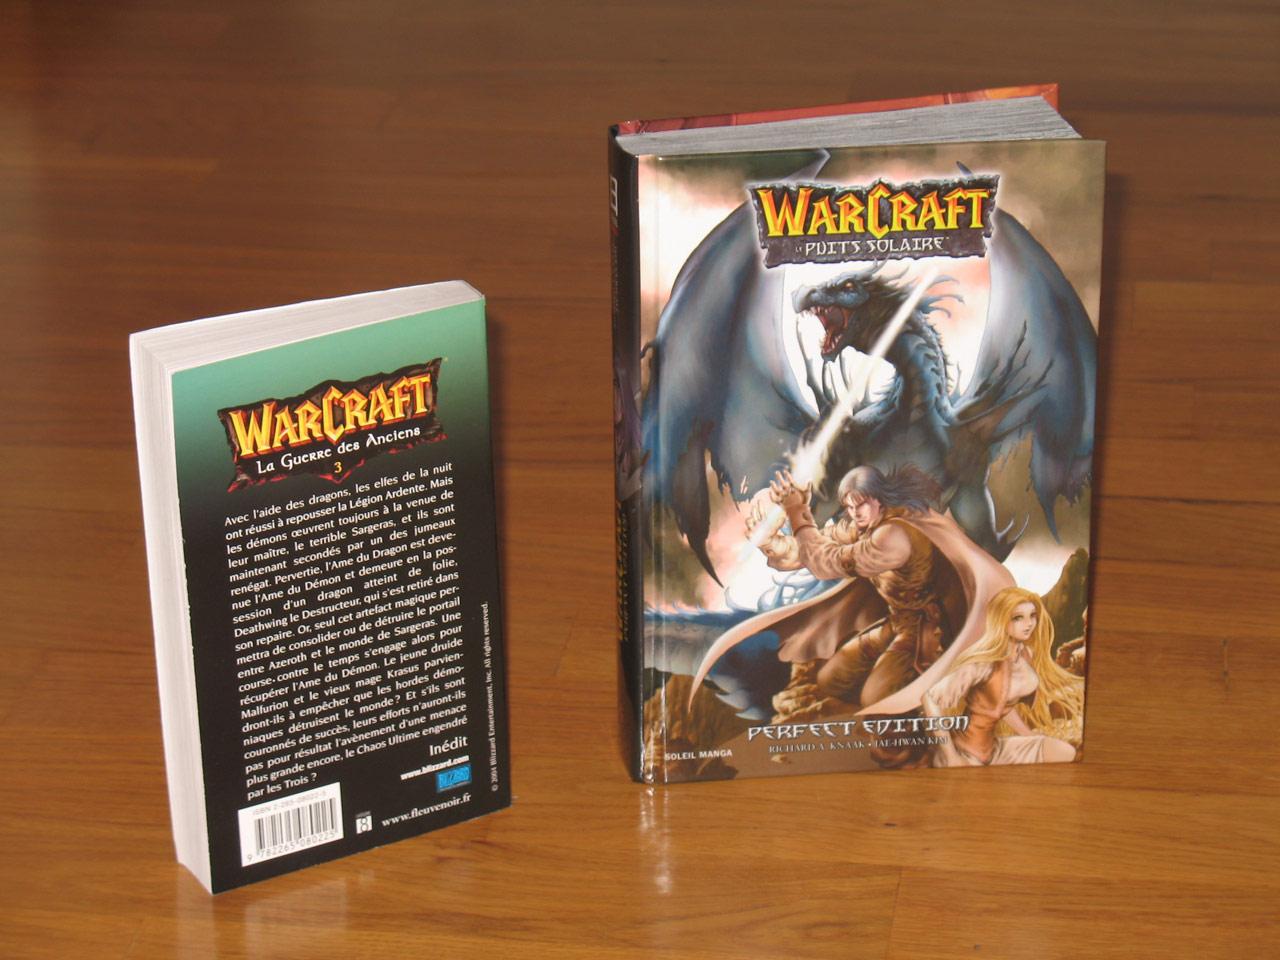 Edition spéciale de la trilogie du Puits Solaire, le 1er manga Warcraft.